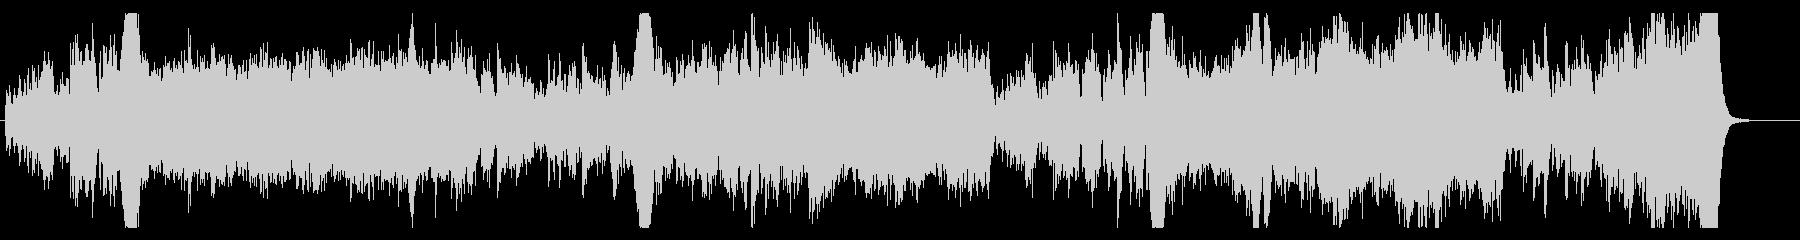 ゲームのバトルシーンの音楽の未再生の波形